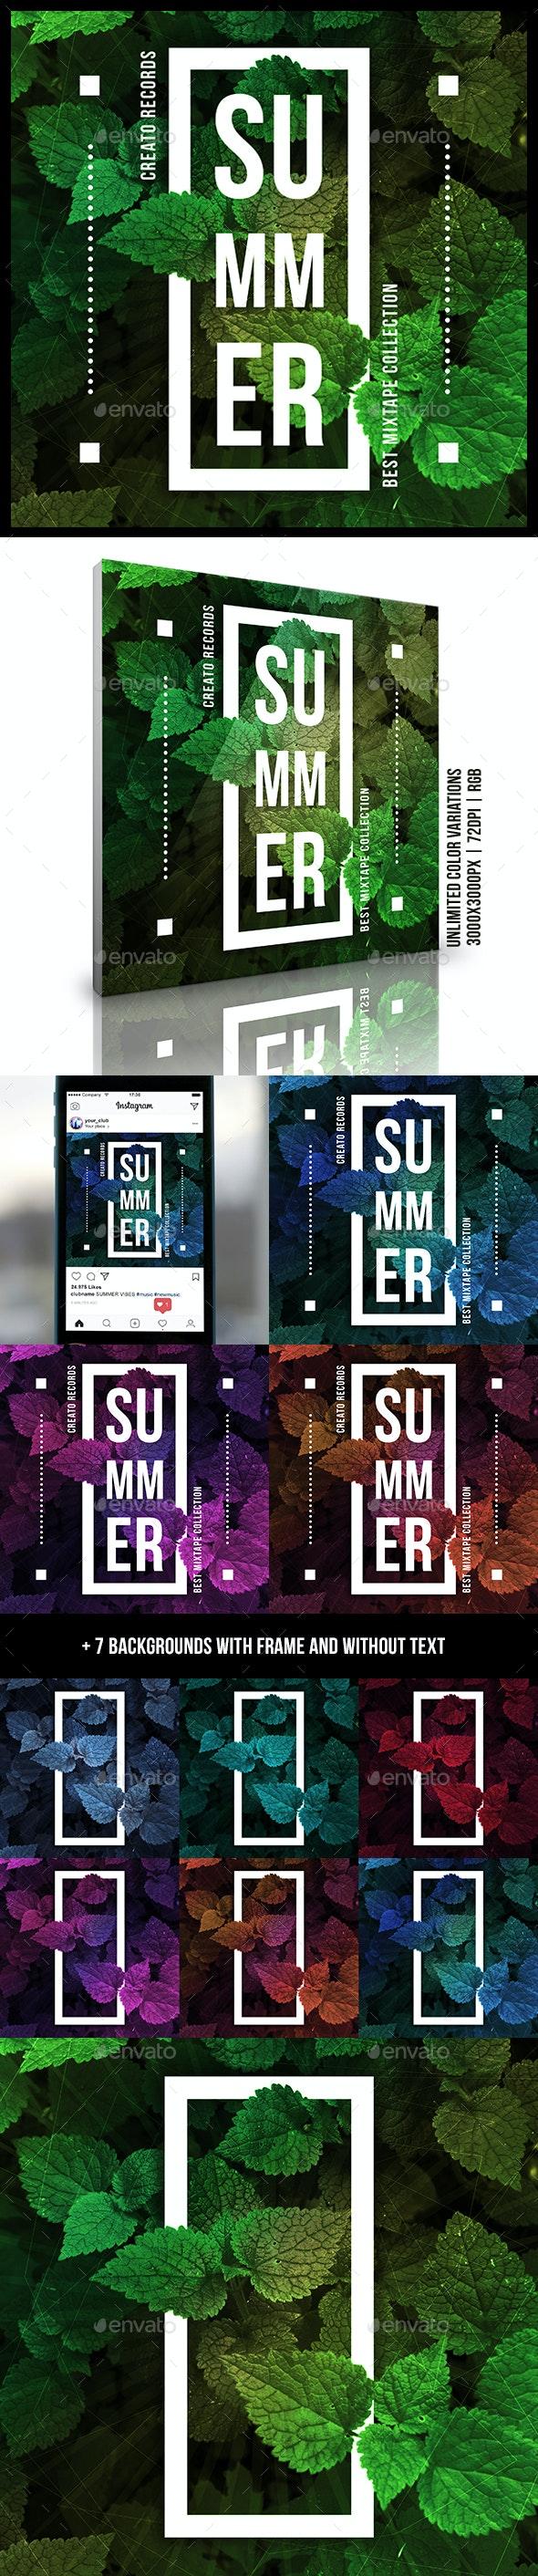 Summer Music Album Cover Artwork Template v2 - Miscellaneous Social Media